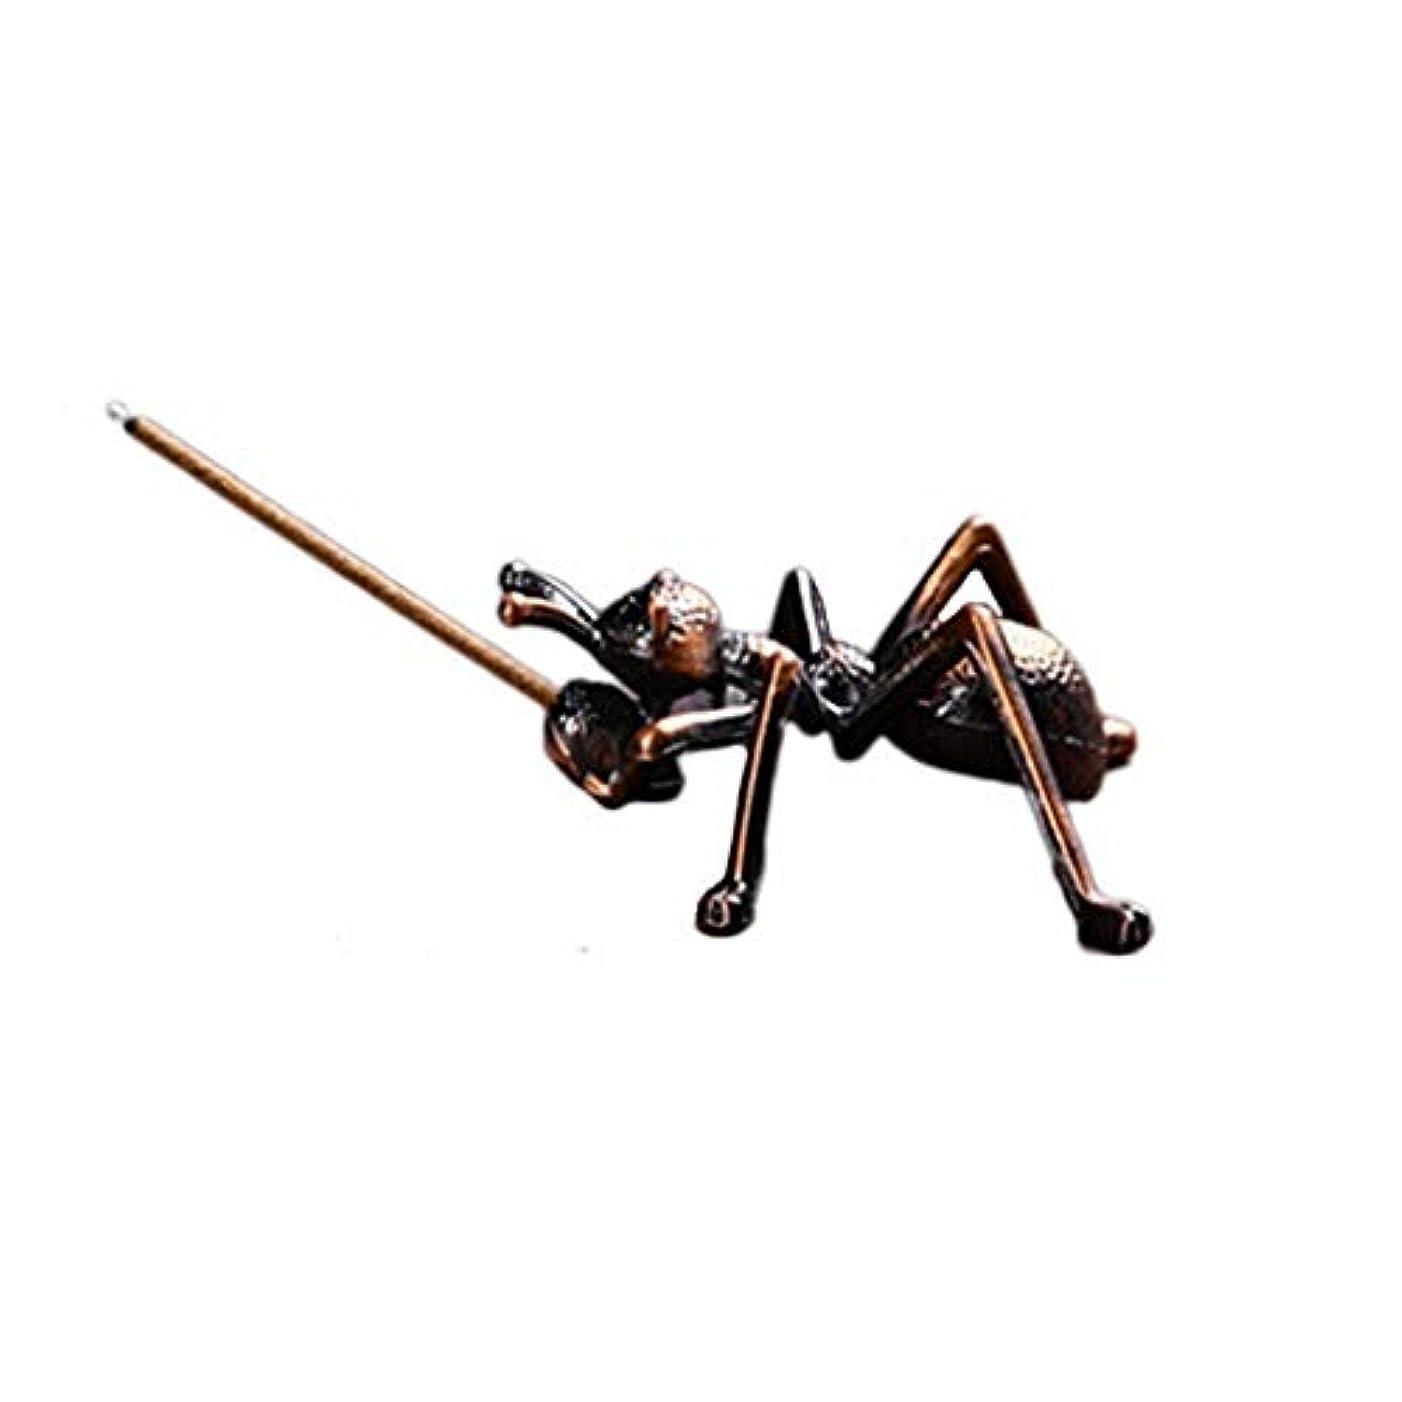 鑑定スモッグ慎重に合金蟻香バーナーミニ線香ホルダー小さな香バーナーホルダーホームデコレーション香オイルバーナー (Color : Brown, サイズ : 1.96*0.86inchs)